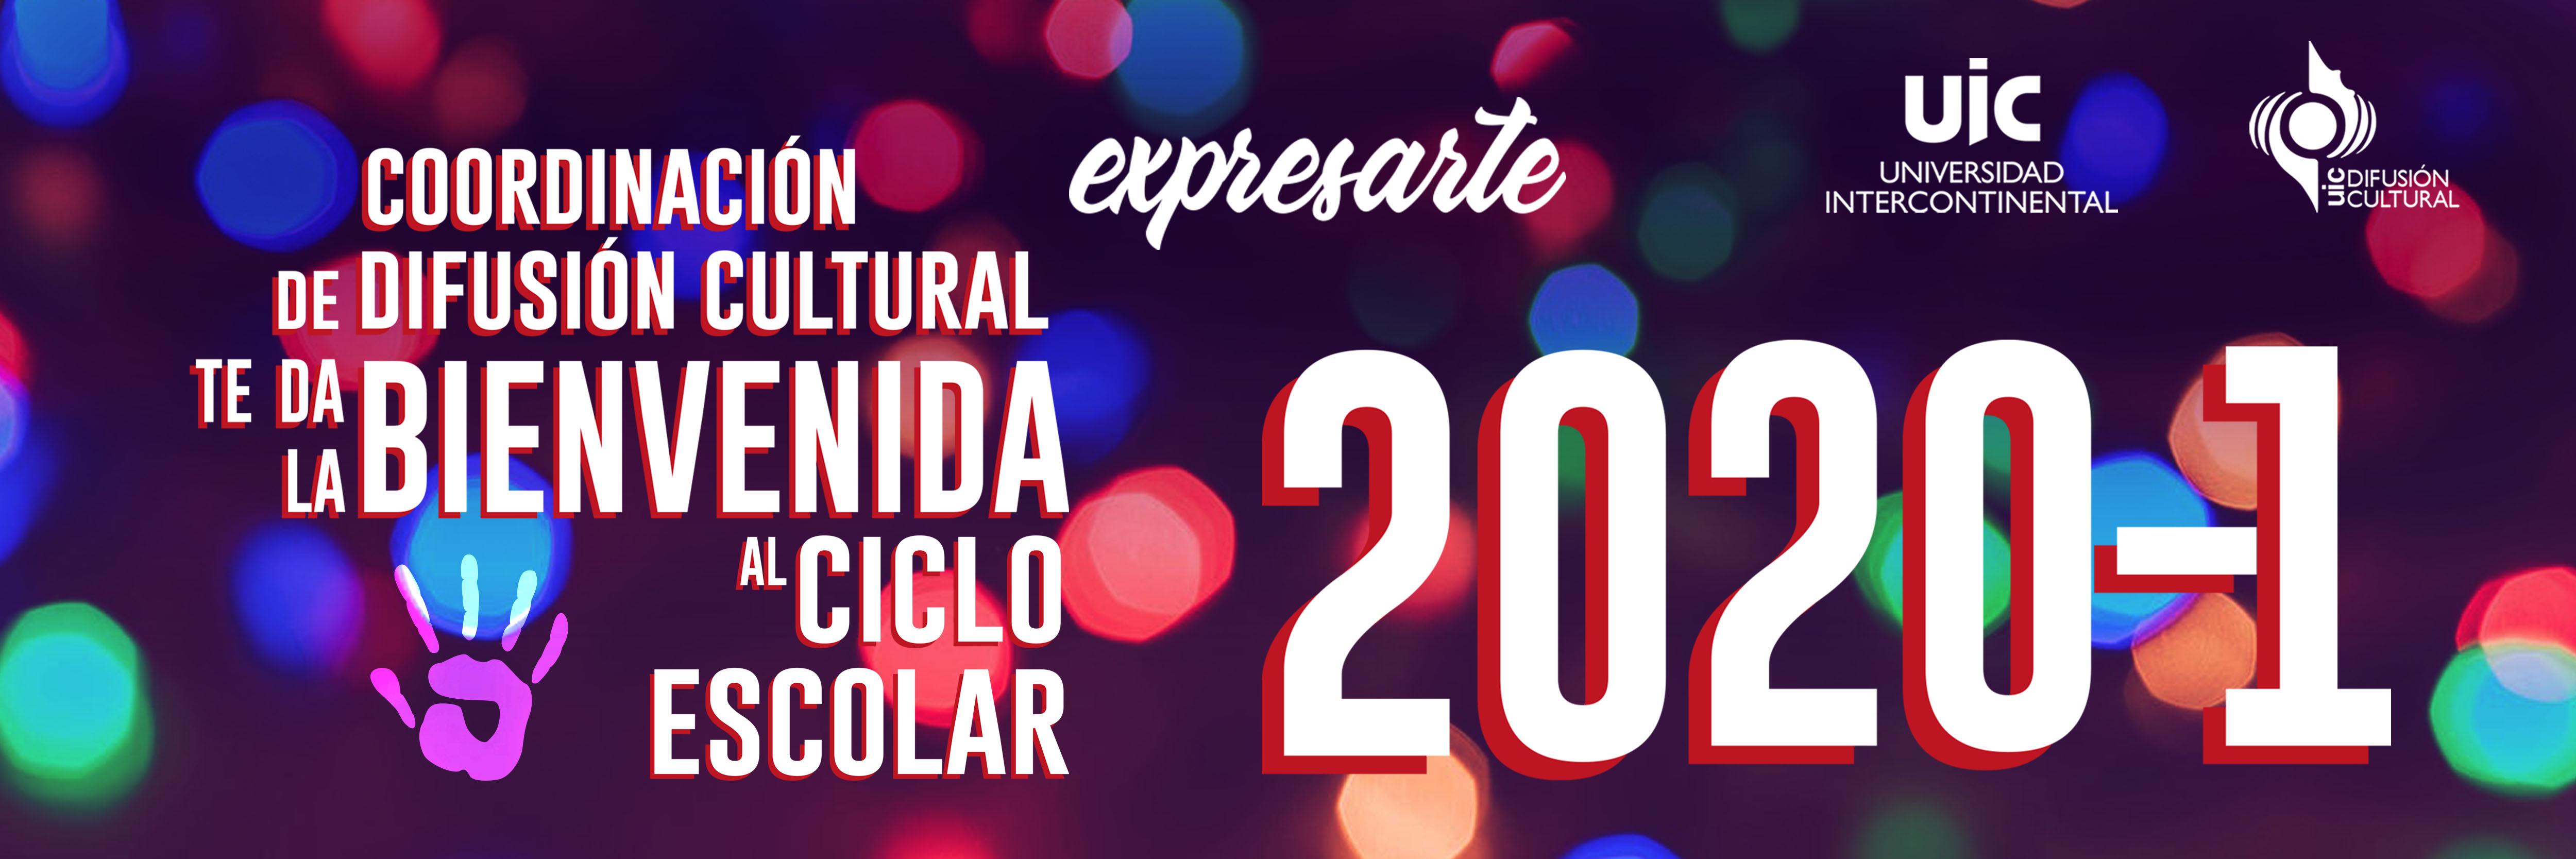 Uca Calendario Academico.Calendarios Universidad Intercontinental